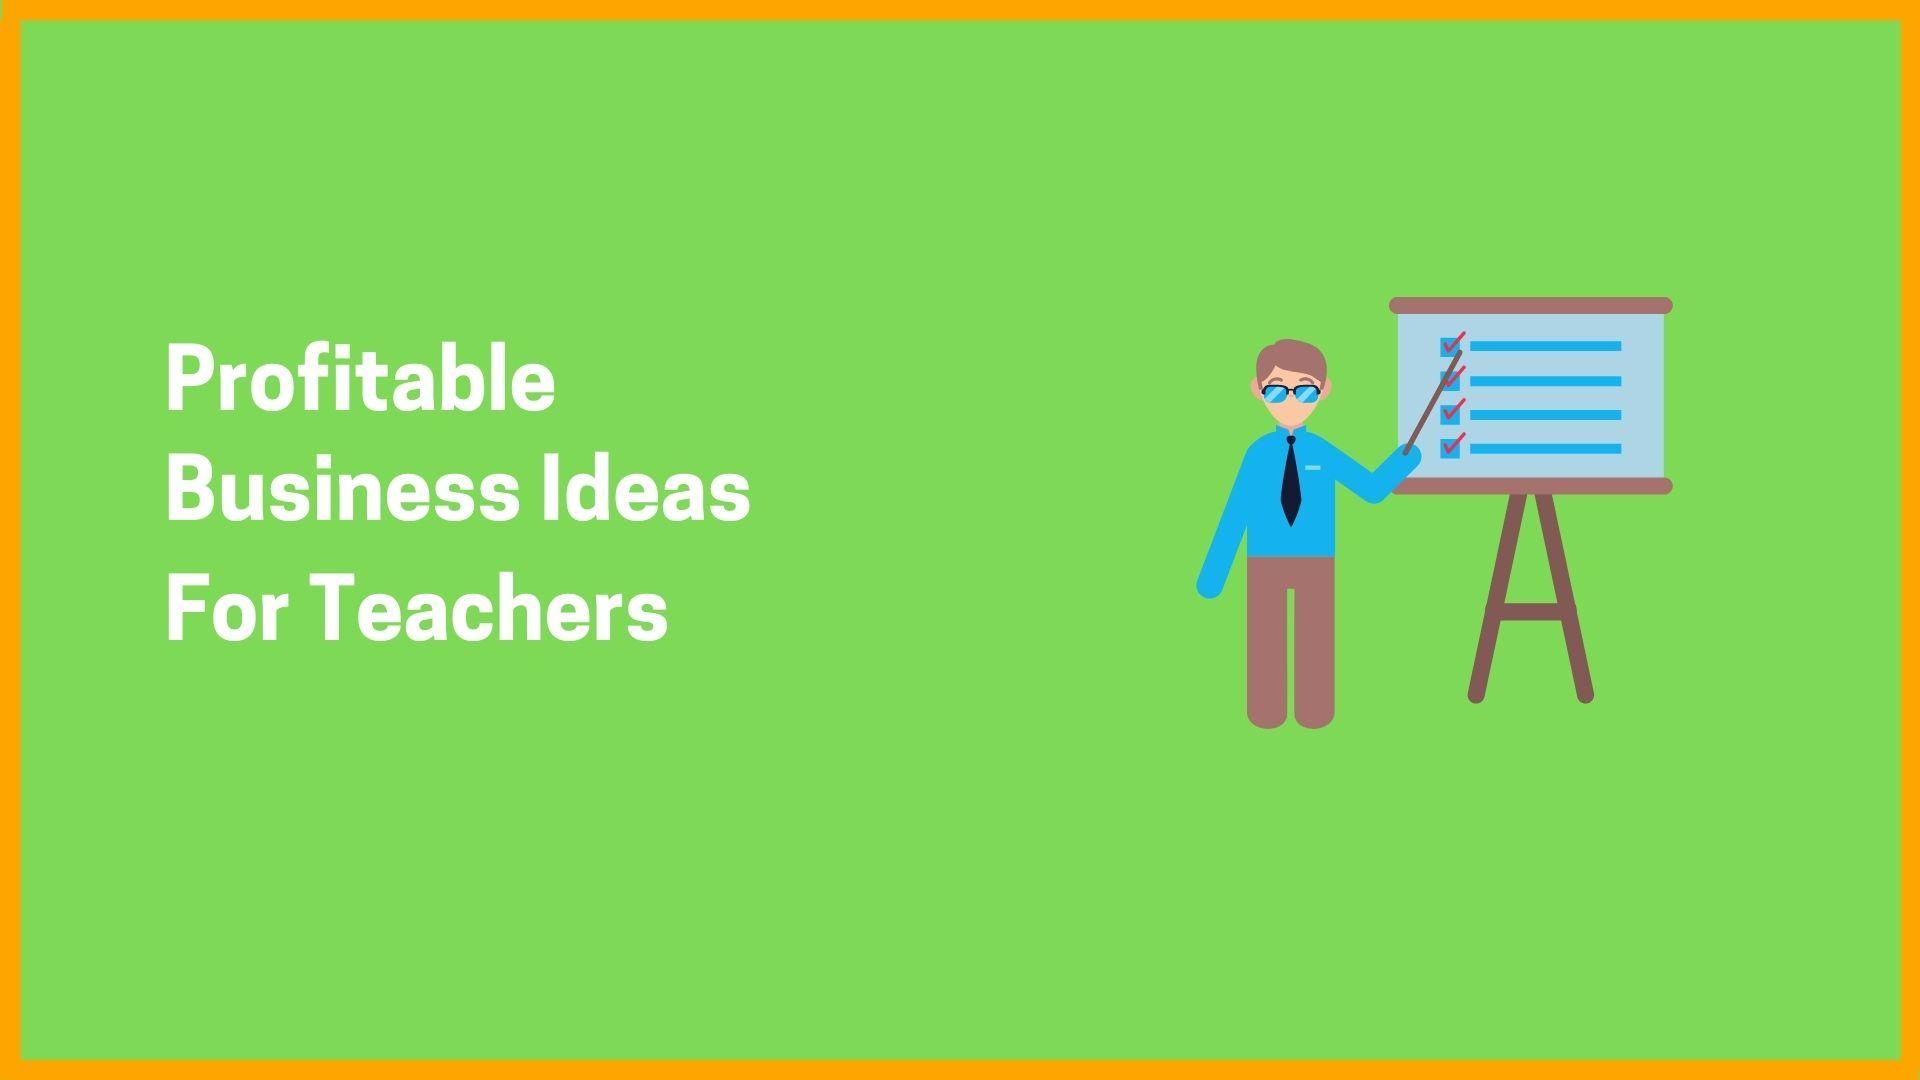 Profitable Business Ideas for Teachers